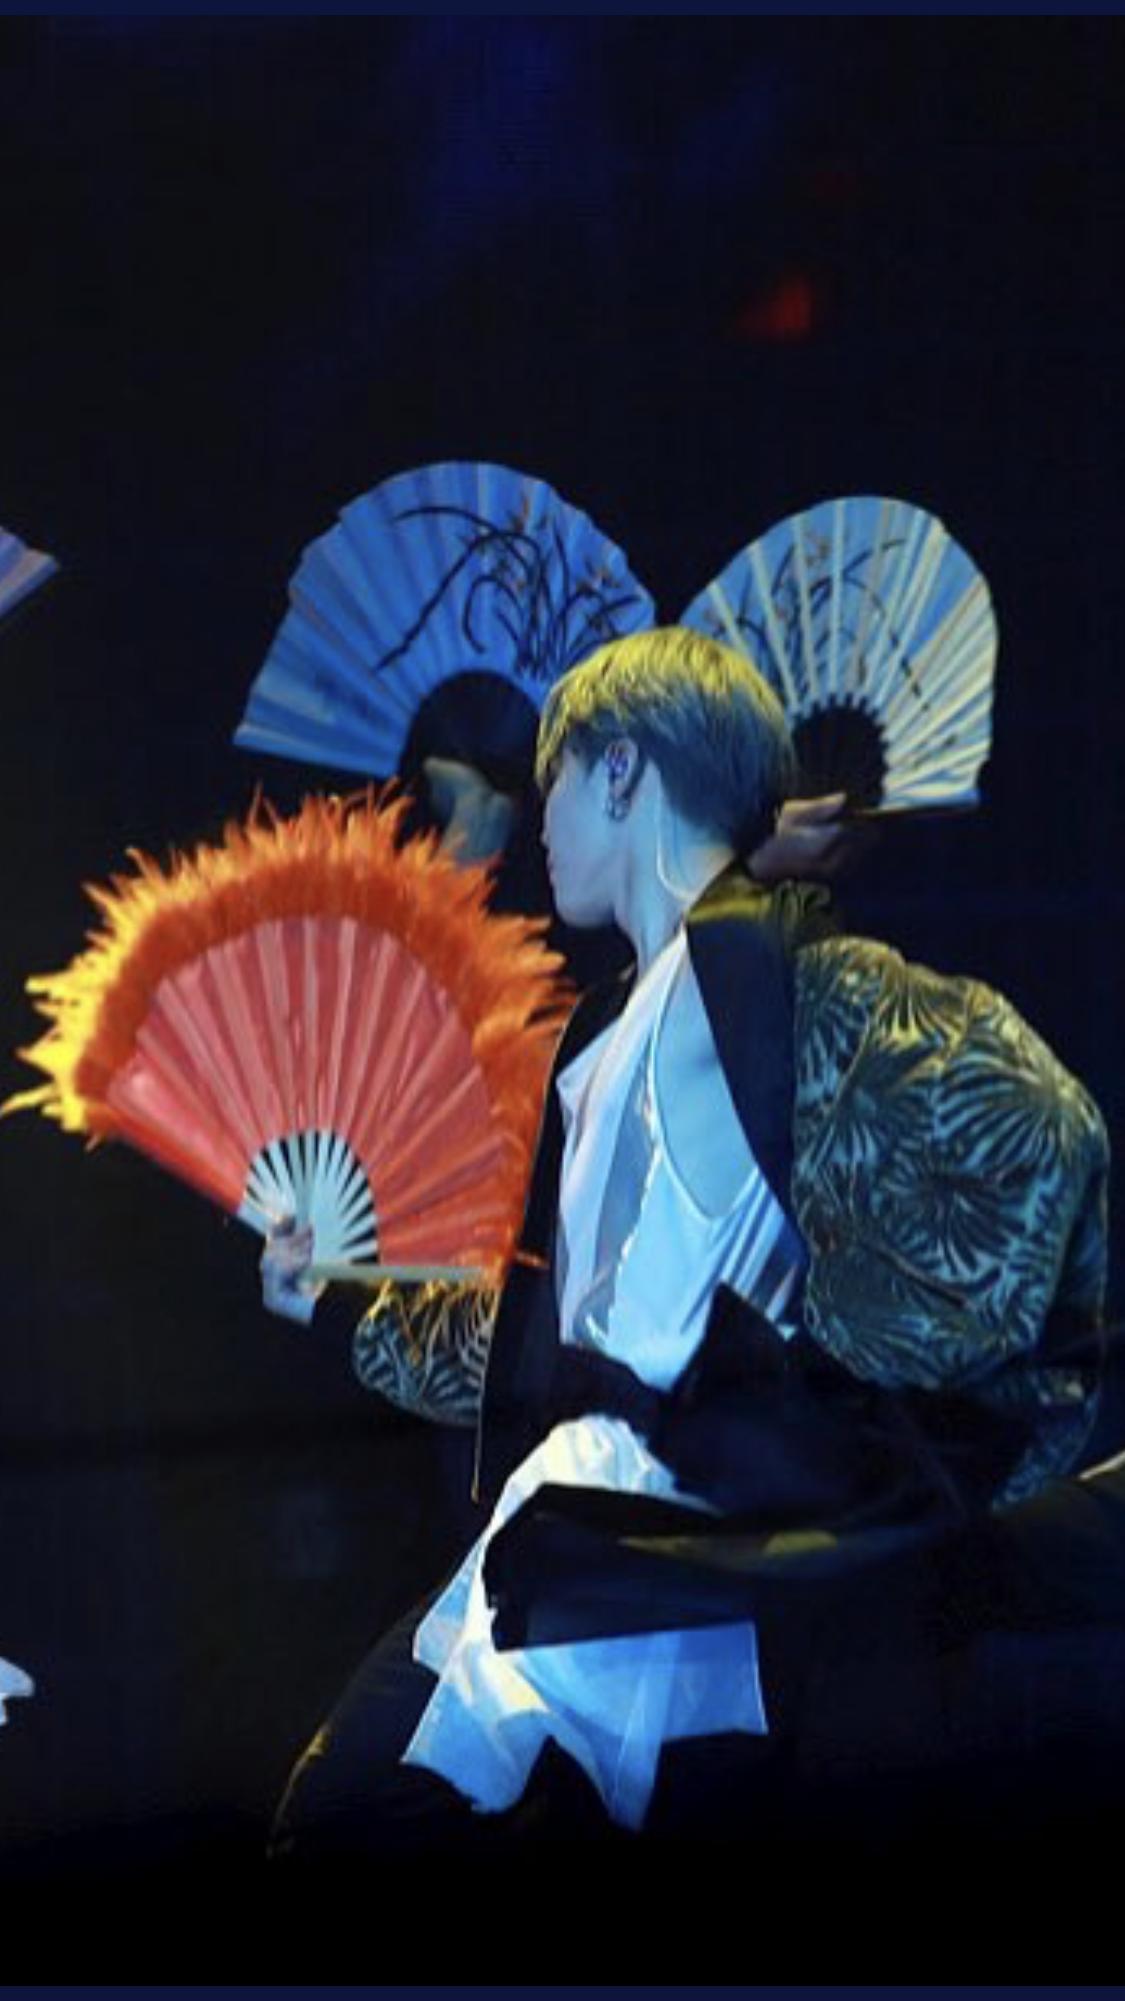 Jimin Idol Fan Dance Bts 181201 Mma Melon Music Awards Jimin Park Jimin Fan Dance